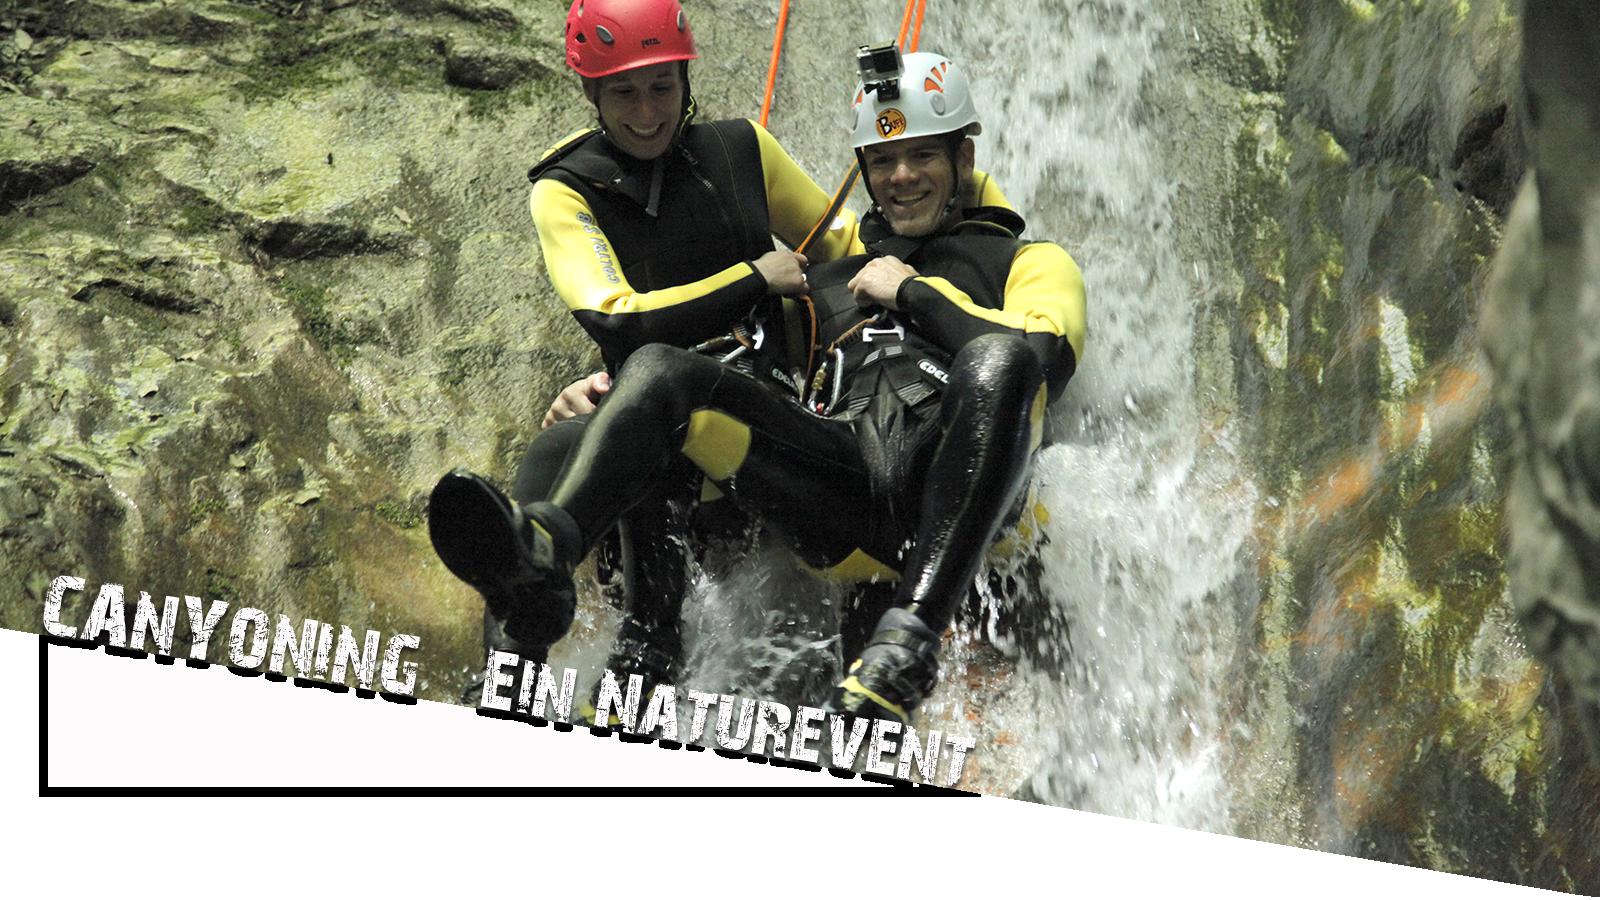 Canyoning Gardasee rutsche titelbild